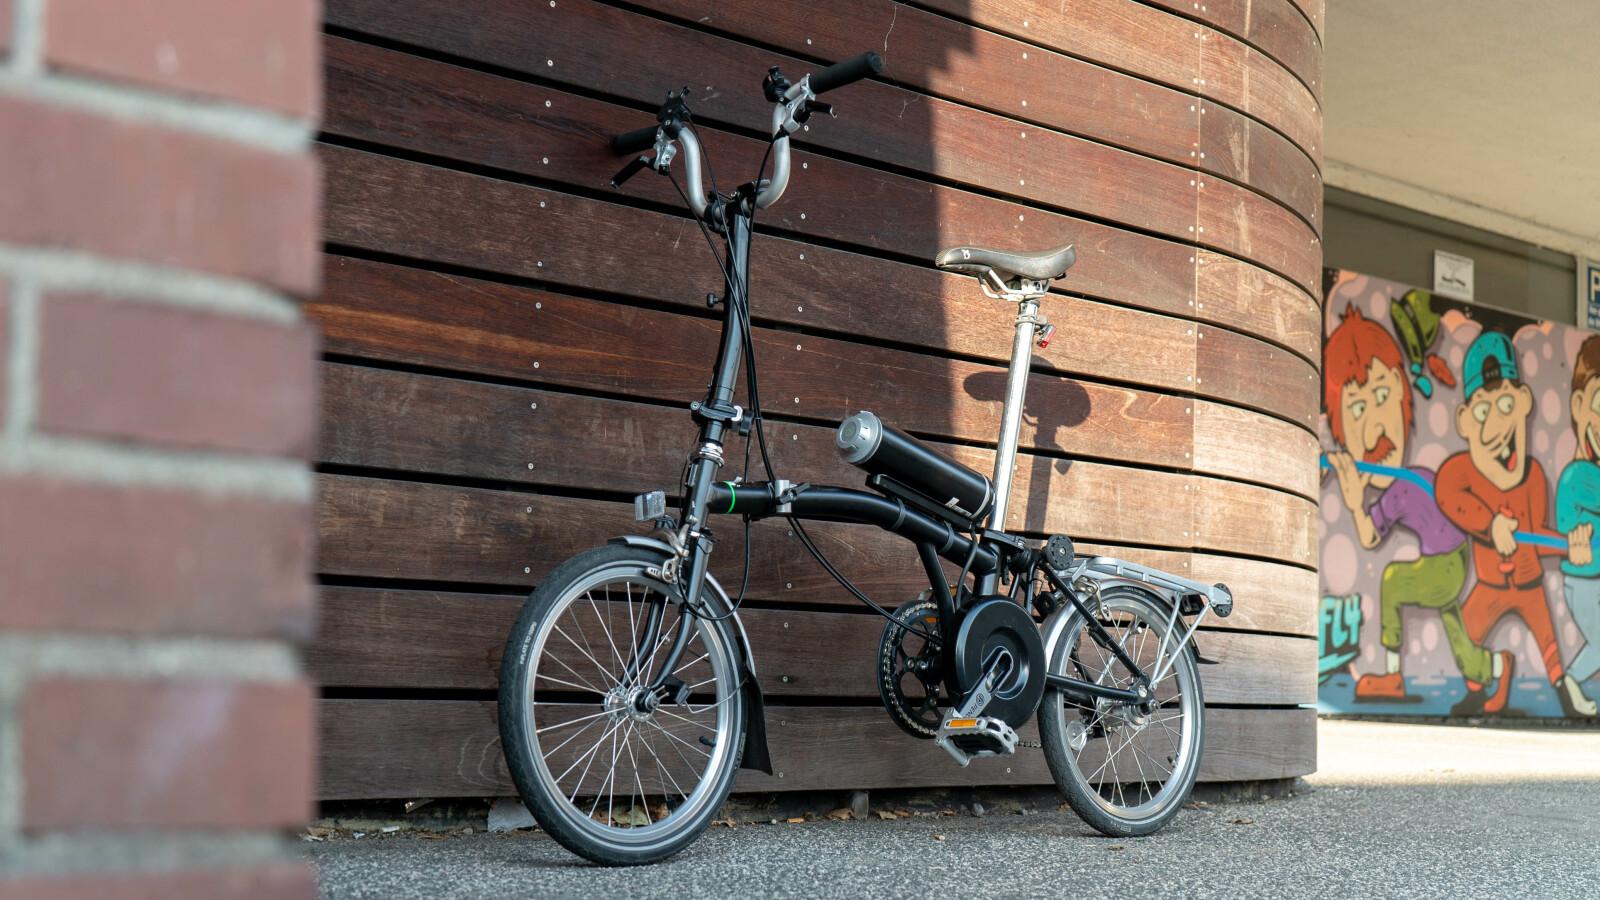 nachr stsatz zum e bike im test pendix verwandelt fast. Black Bedroom Furniture Sets. Home Design Ideas